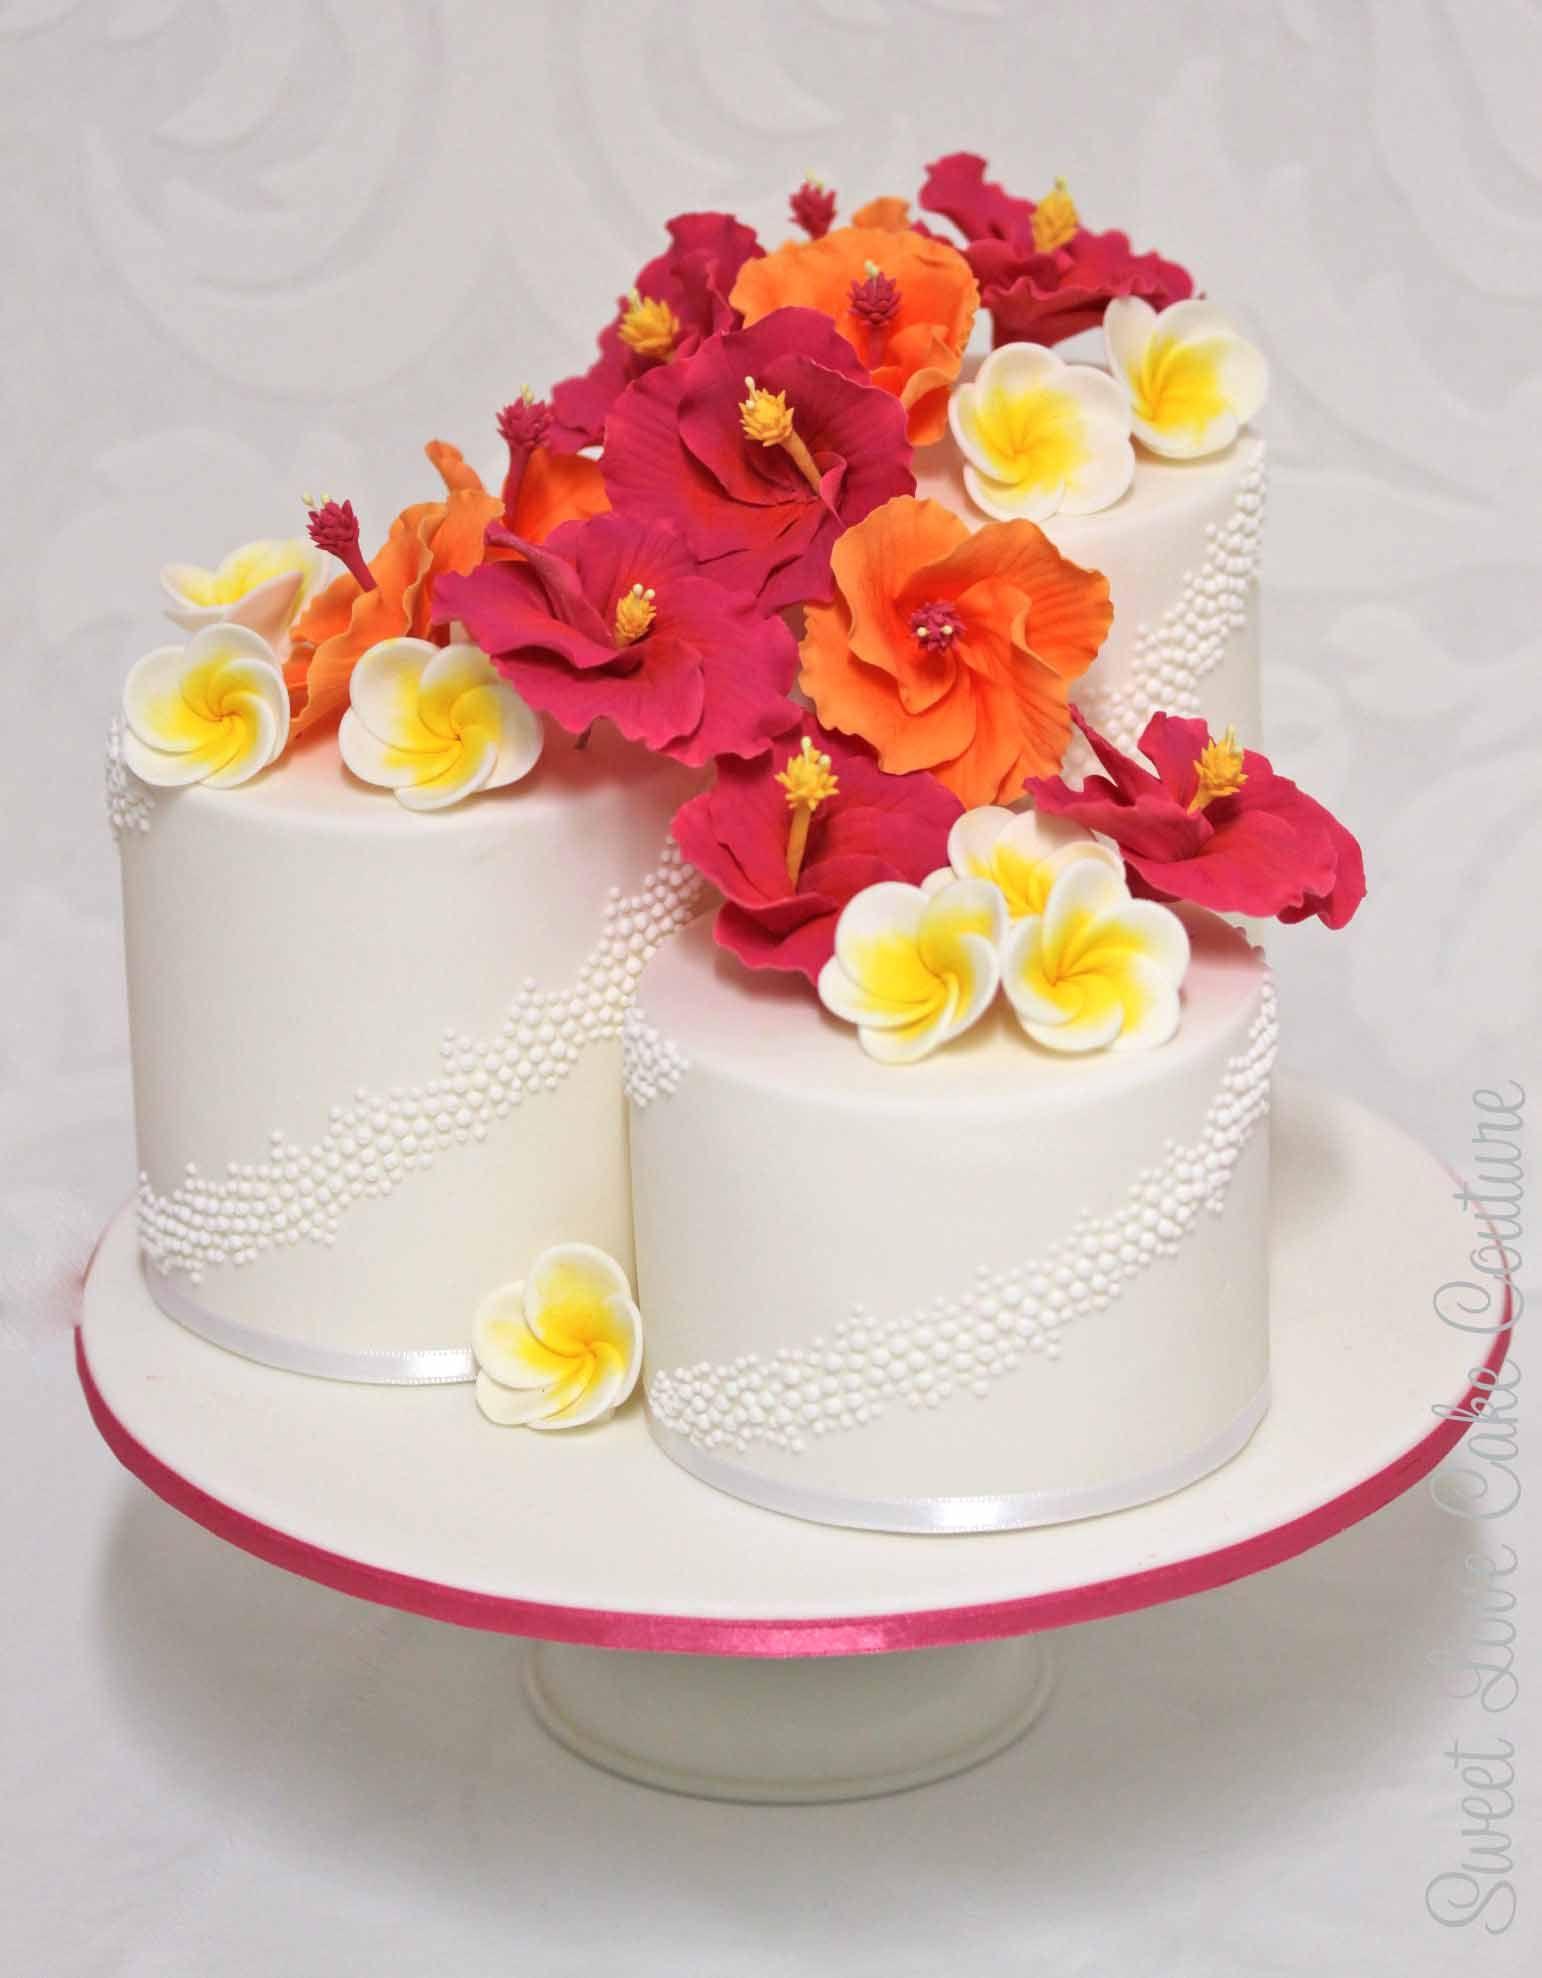 Beautiful Flower Cake Cake Designcuore Non Riusciamo A Sentirci